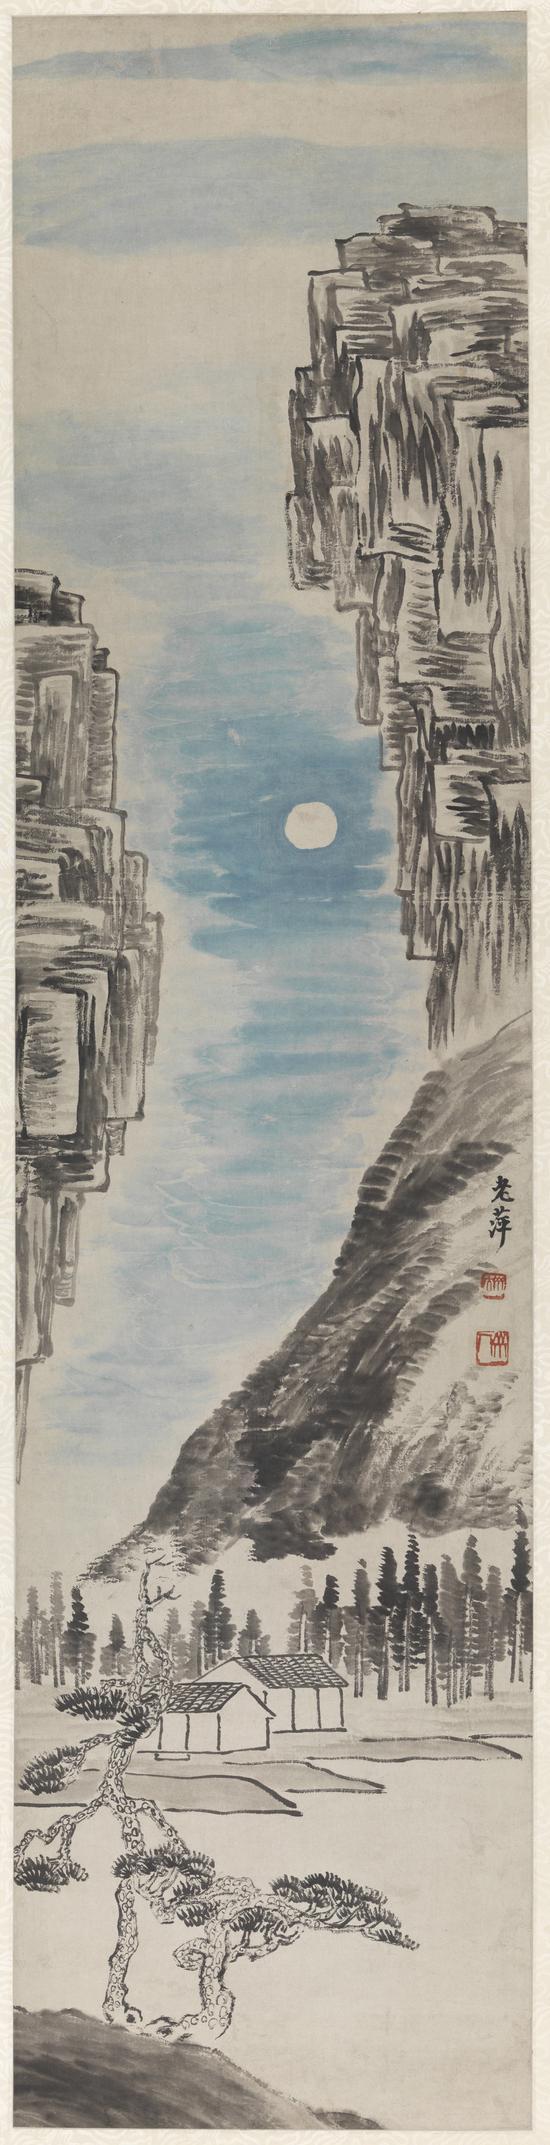 山水四季屏之秋 齐白石 1919年 132×32cm 轴 纸本设色 清华大学艺术博物馆藏